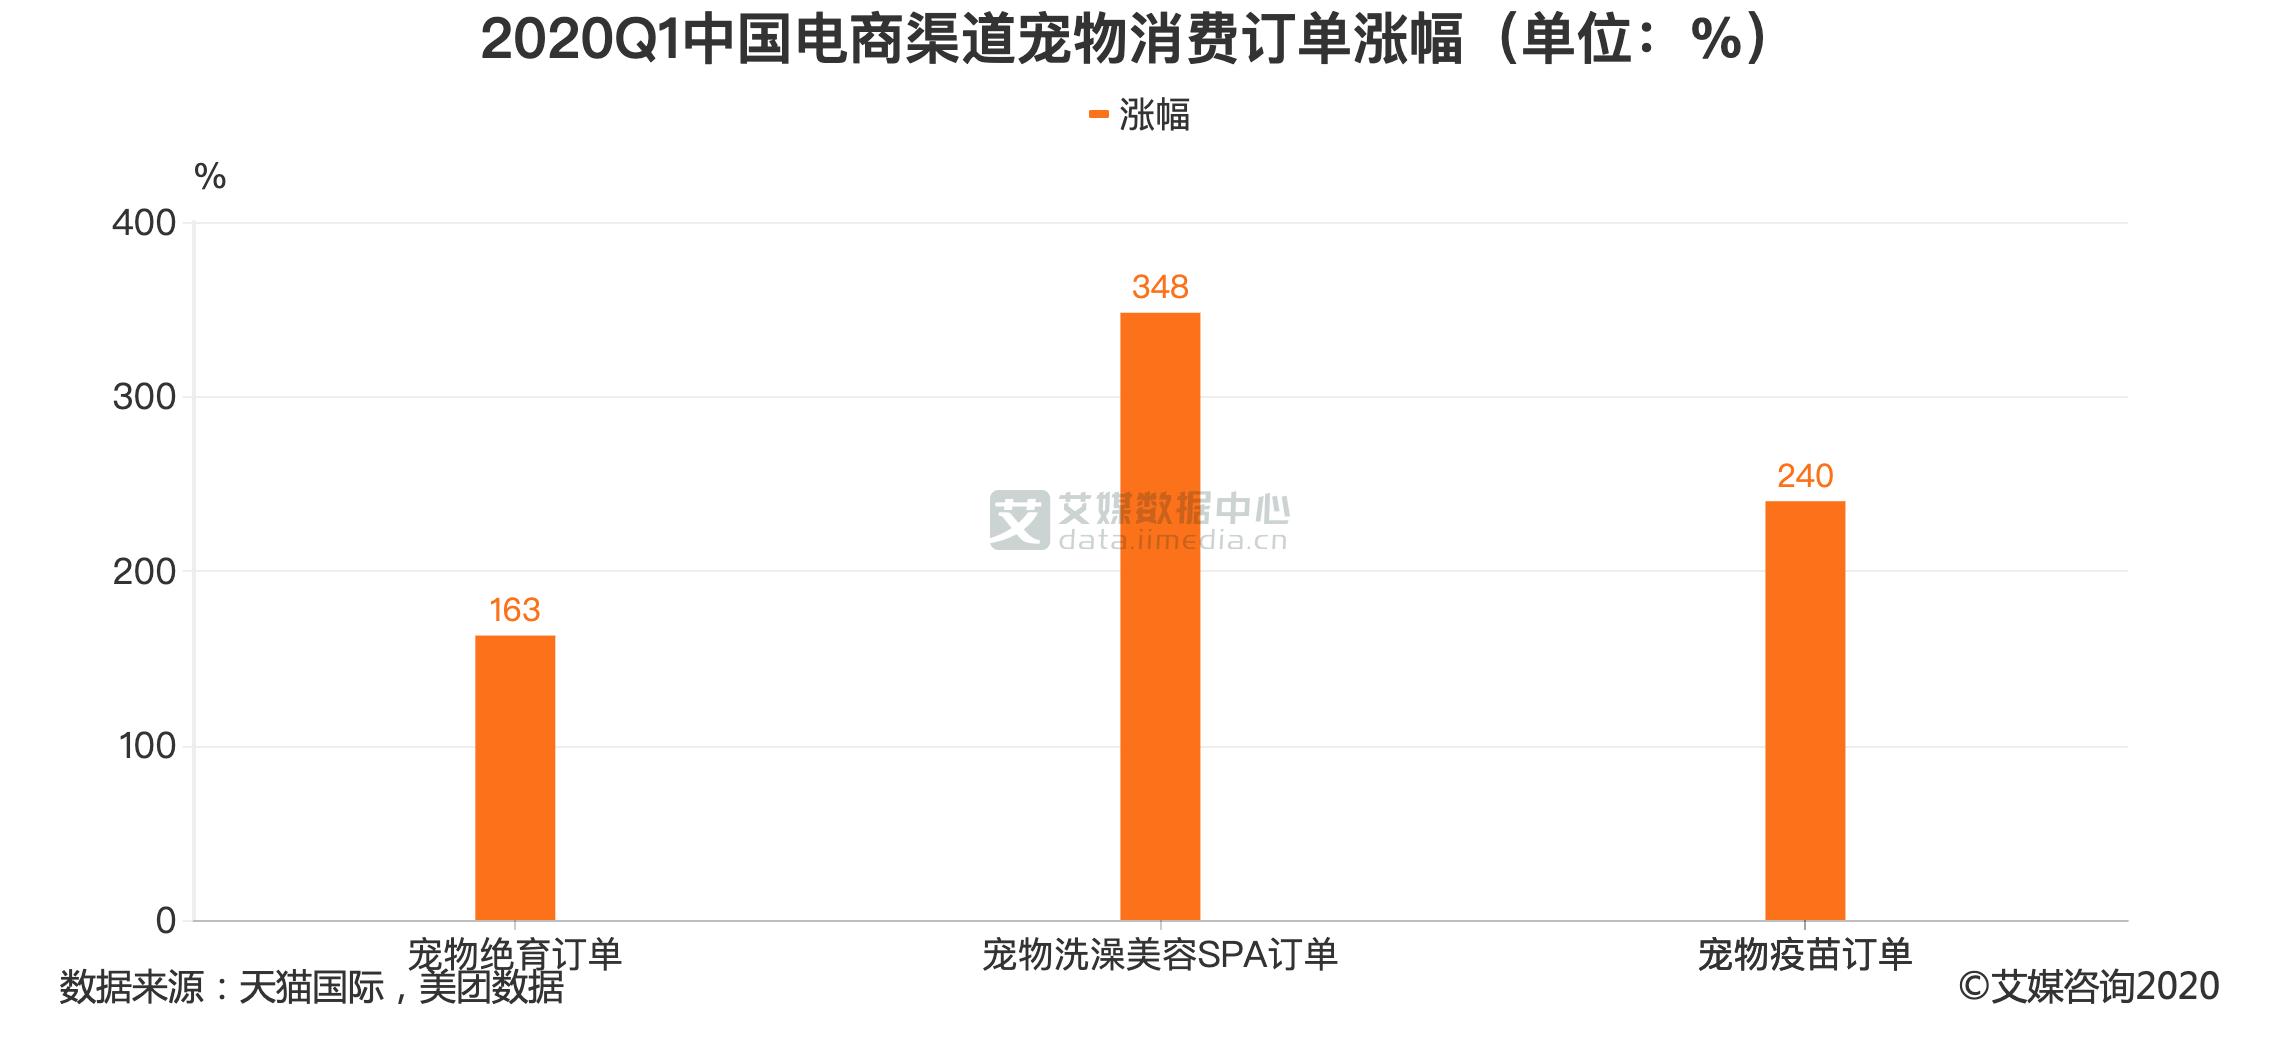 2020Q1中国电商渠道宠物消费订单涨幅(单位:%)